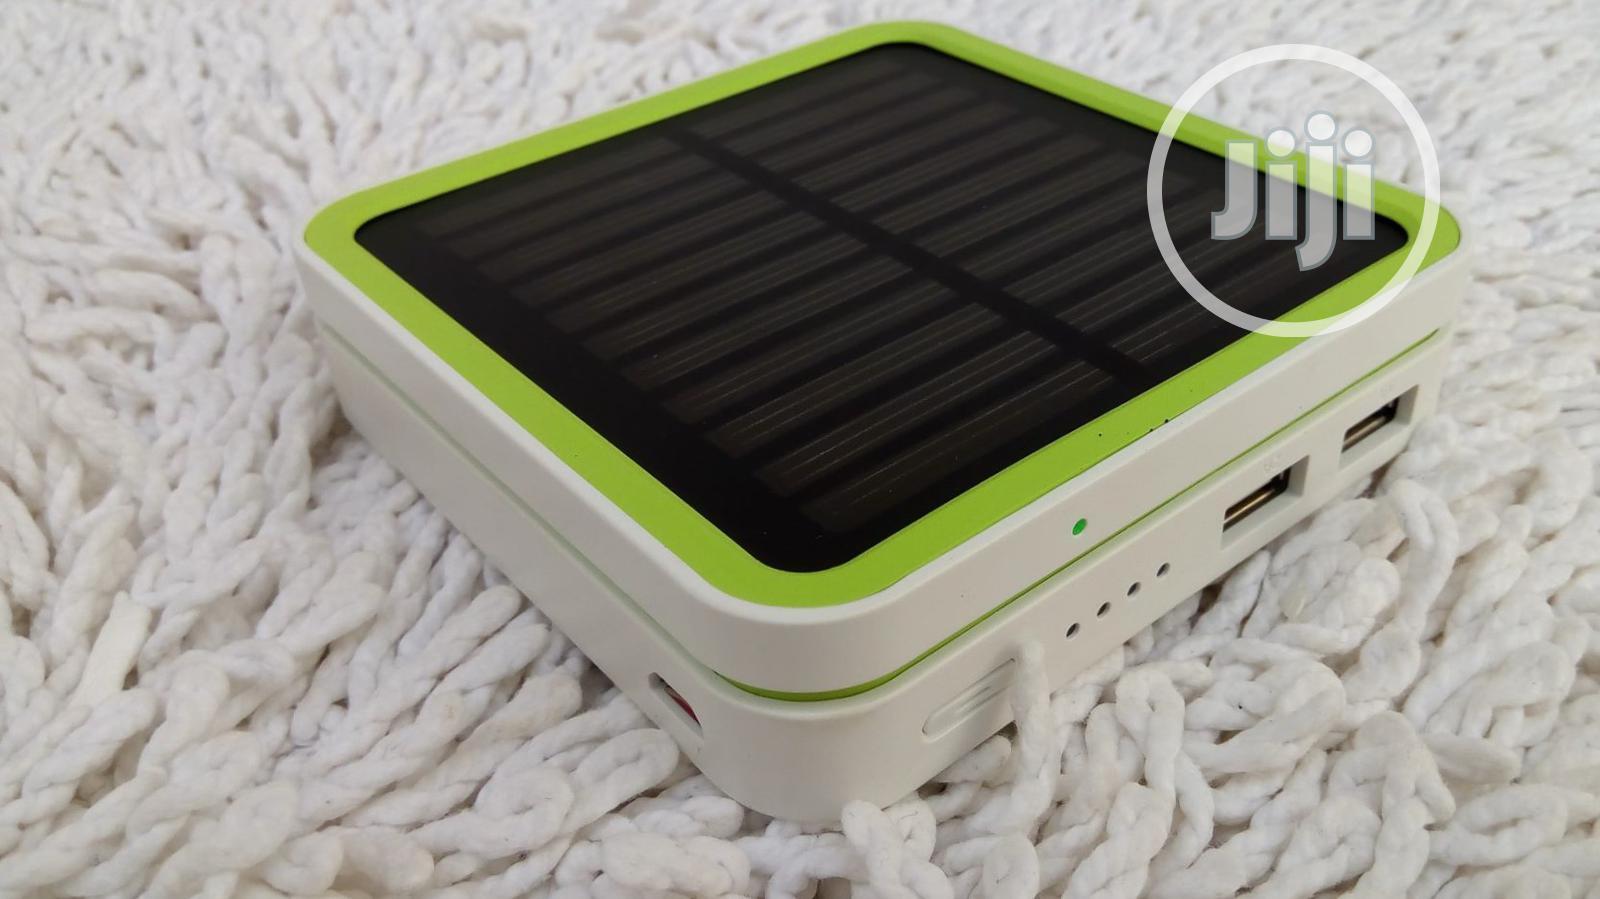 Solar Mobile Power Bank - 6000mah Battery